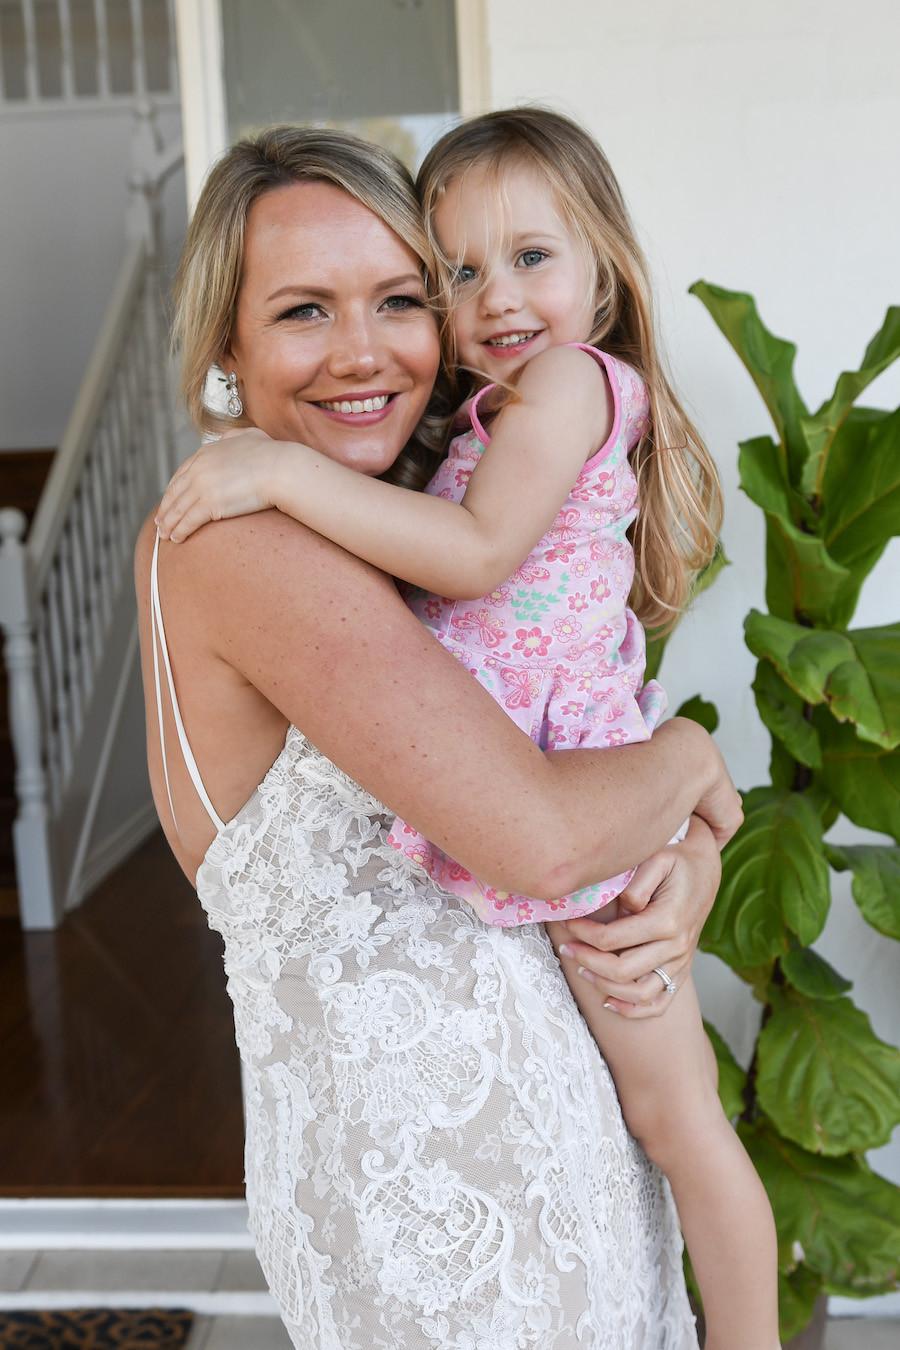 Bride's niece